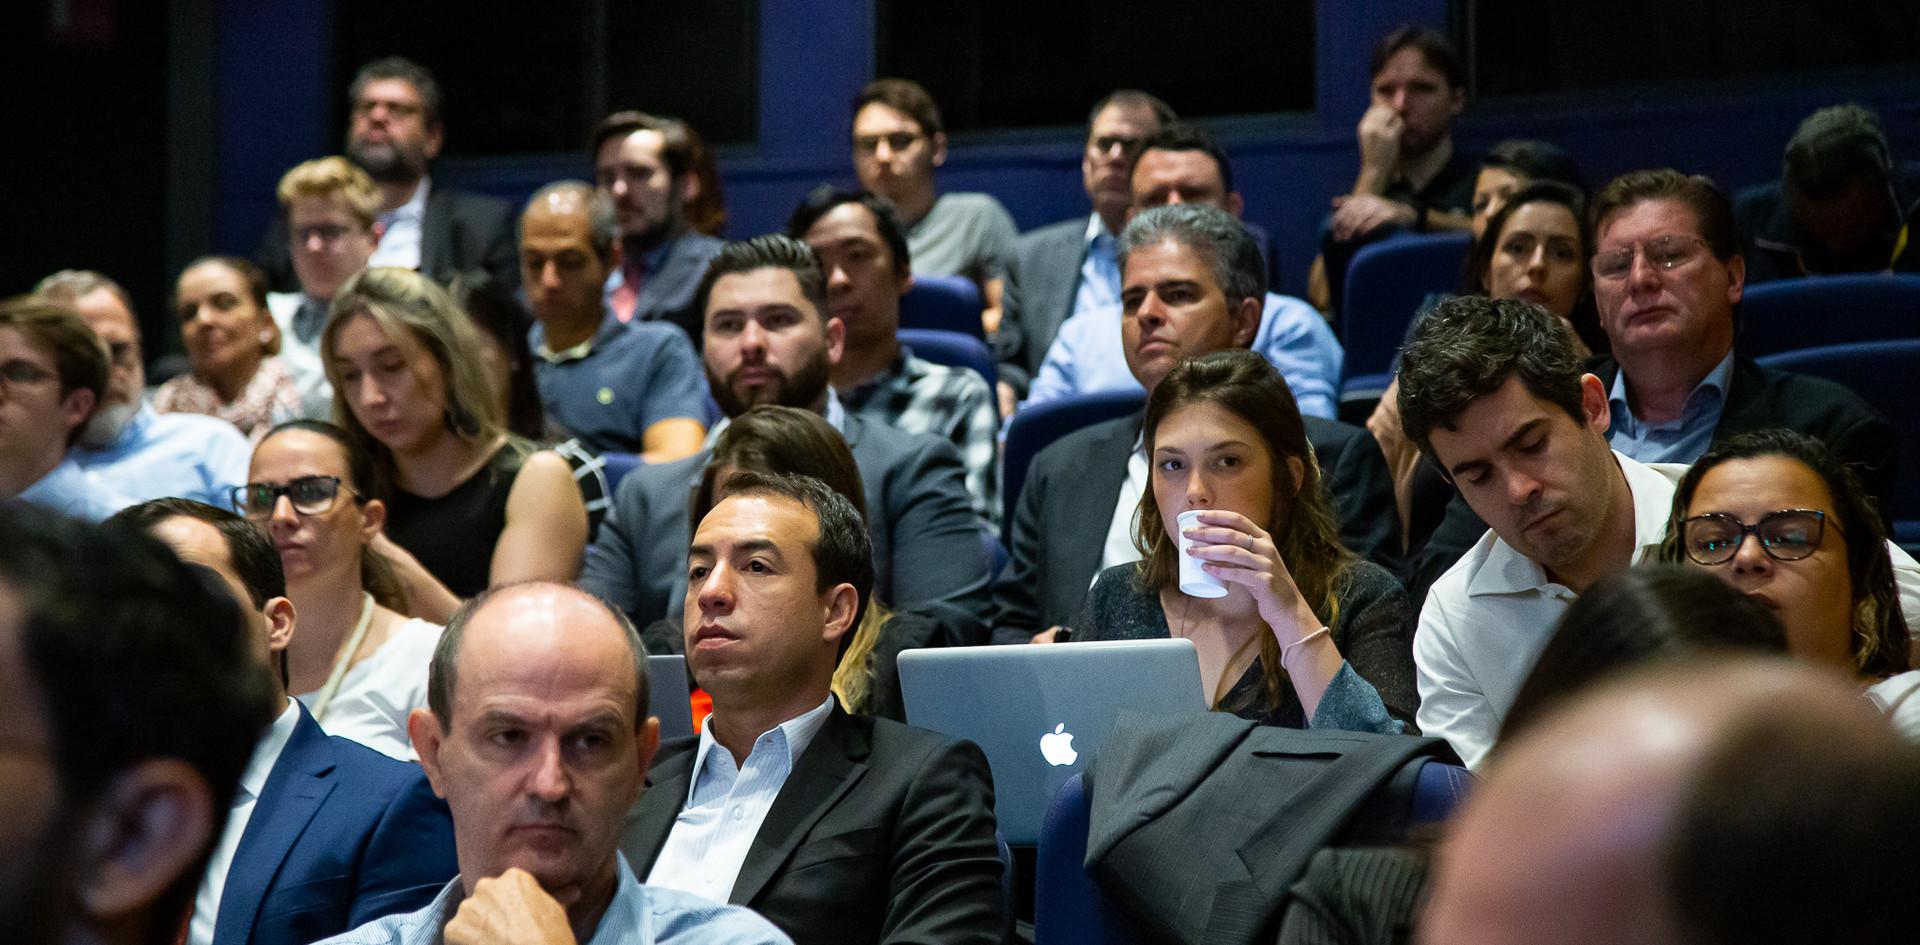 Plateia do evento